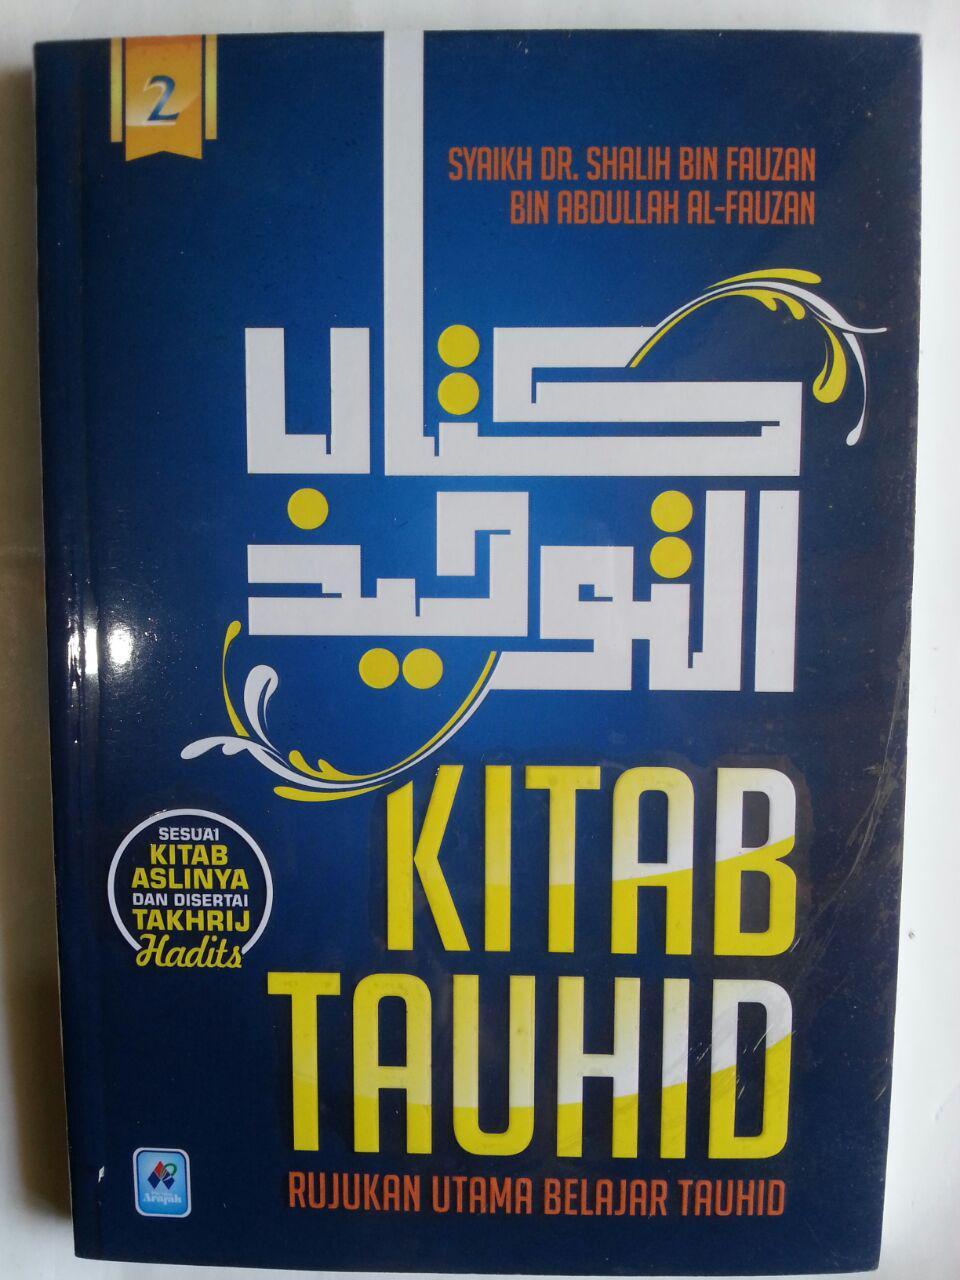 Buku Kitab Tauhid Rujukan Utama Belajar Tauhid 1 Set 3 Jilid cover 4